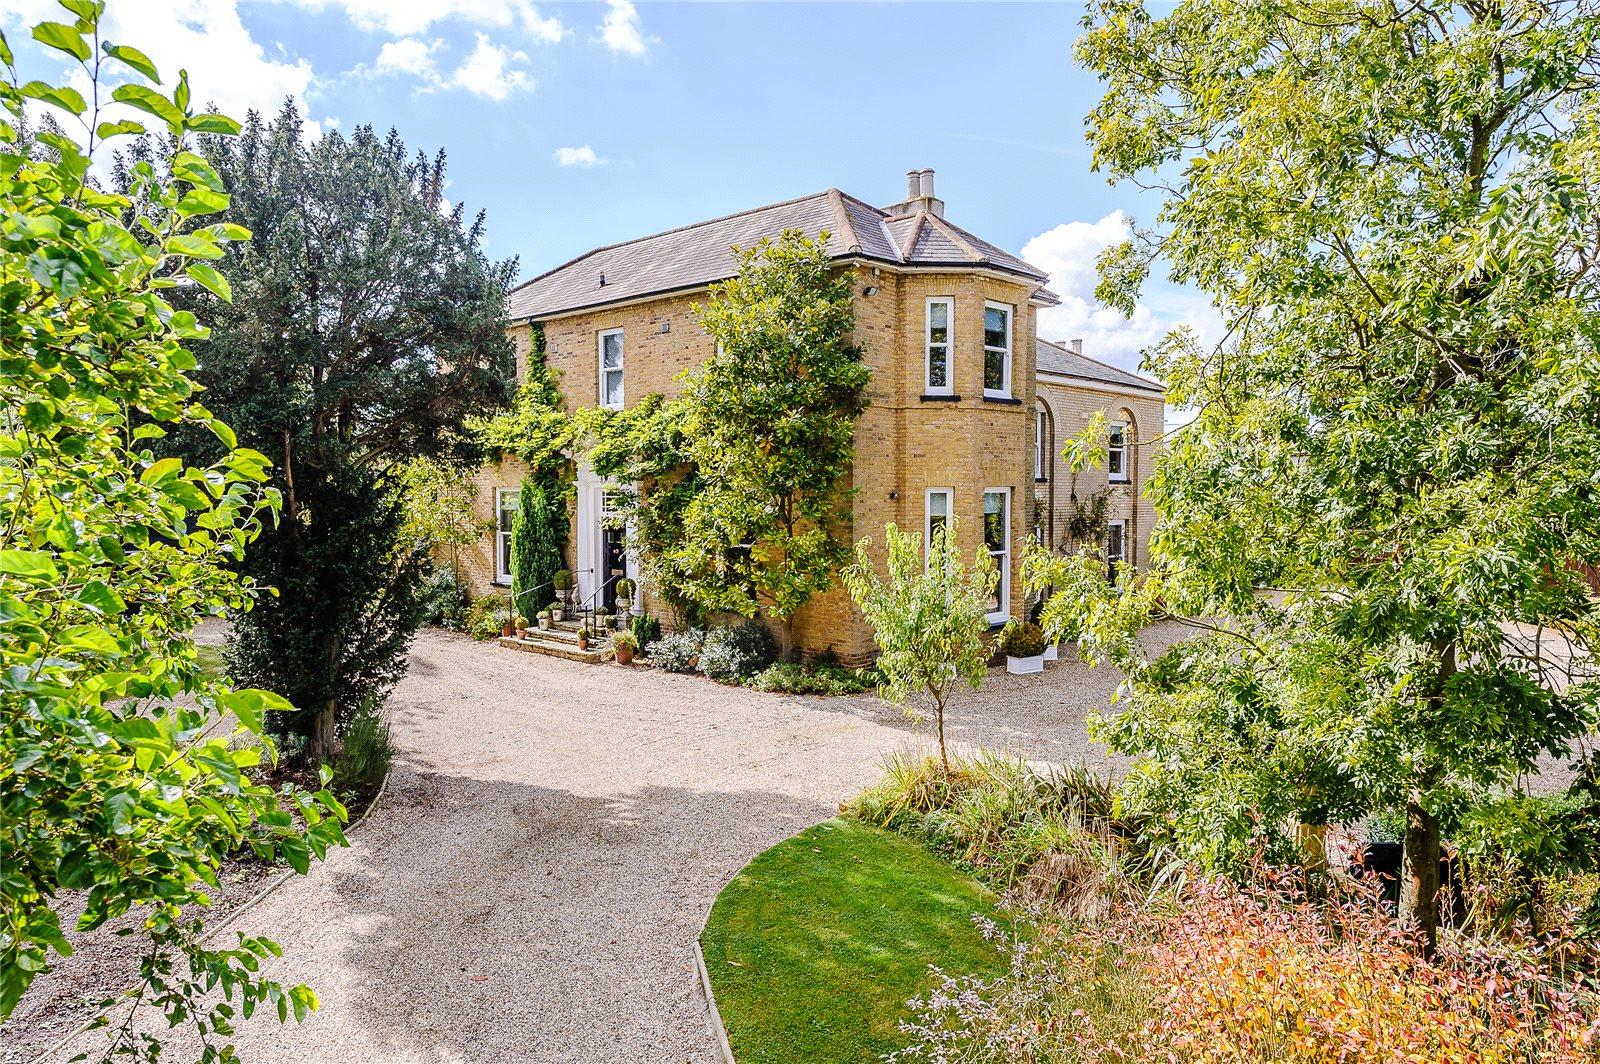 Частный дом для того Продажа на Bradwell Road, St. Lawrence, Southminster, Essex, CM0 Southminster, Англия